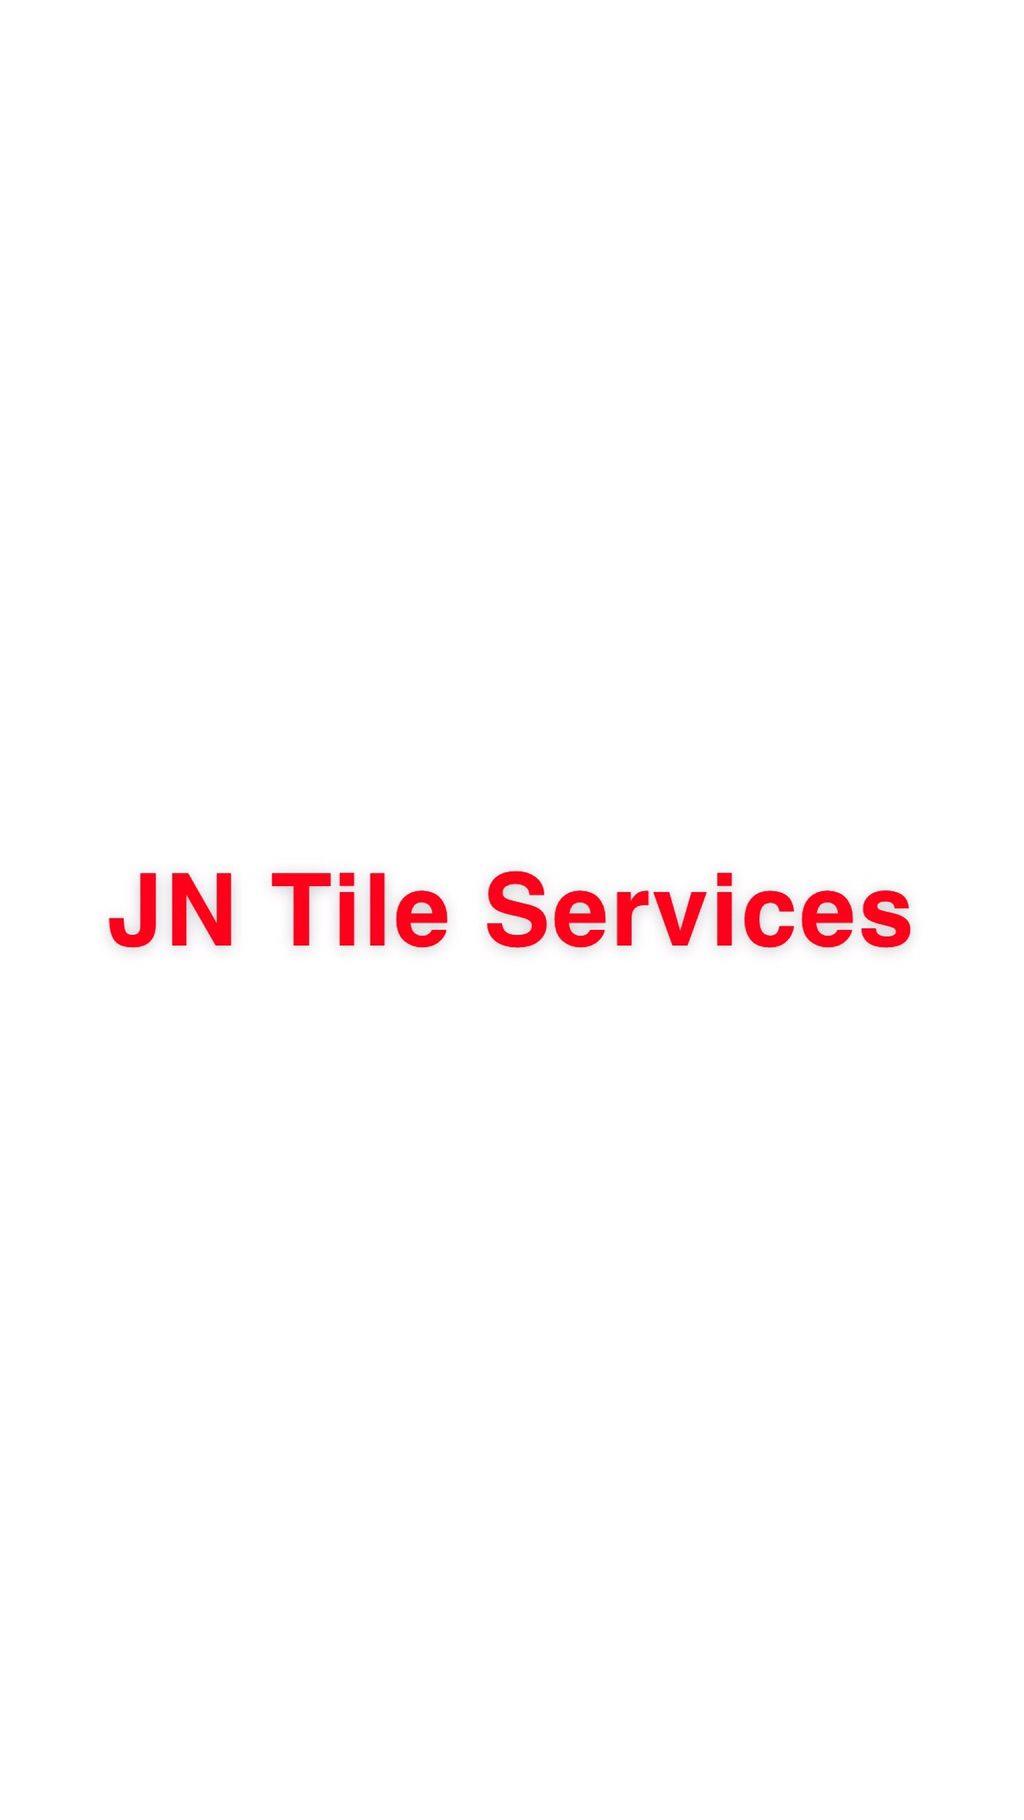 JN Tile Services